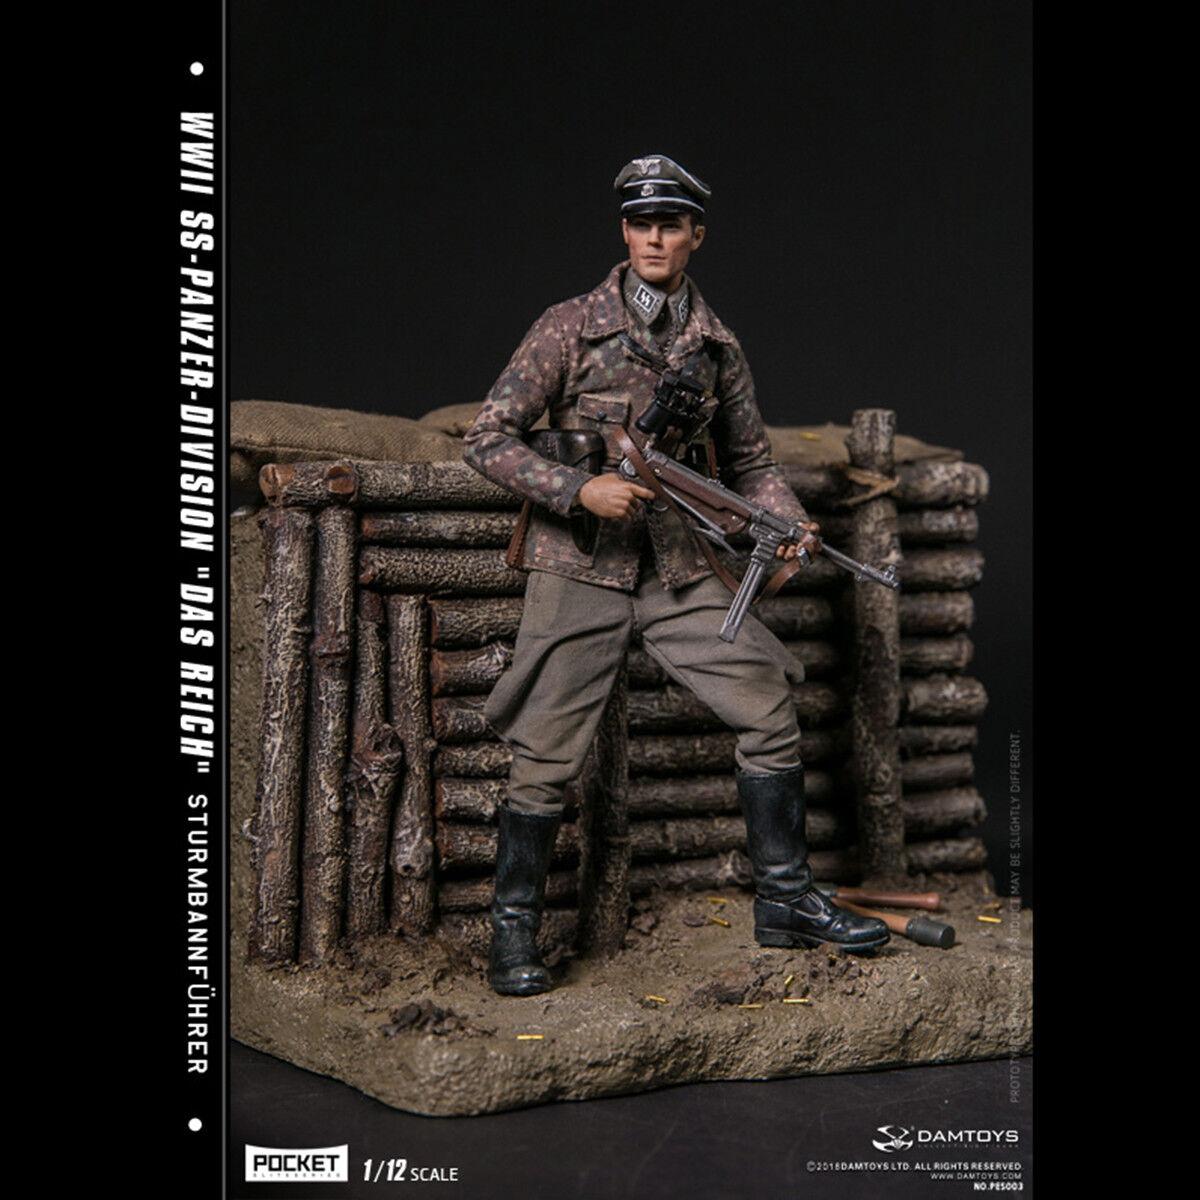 DAMTOYS 1 12 Pocket Elite Serie Segunda Guerra Mundial ss-Panzer-División Das Reich figura Juguetes